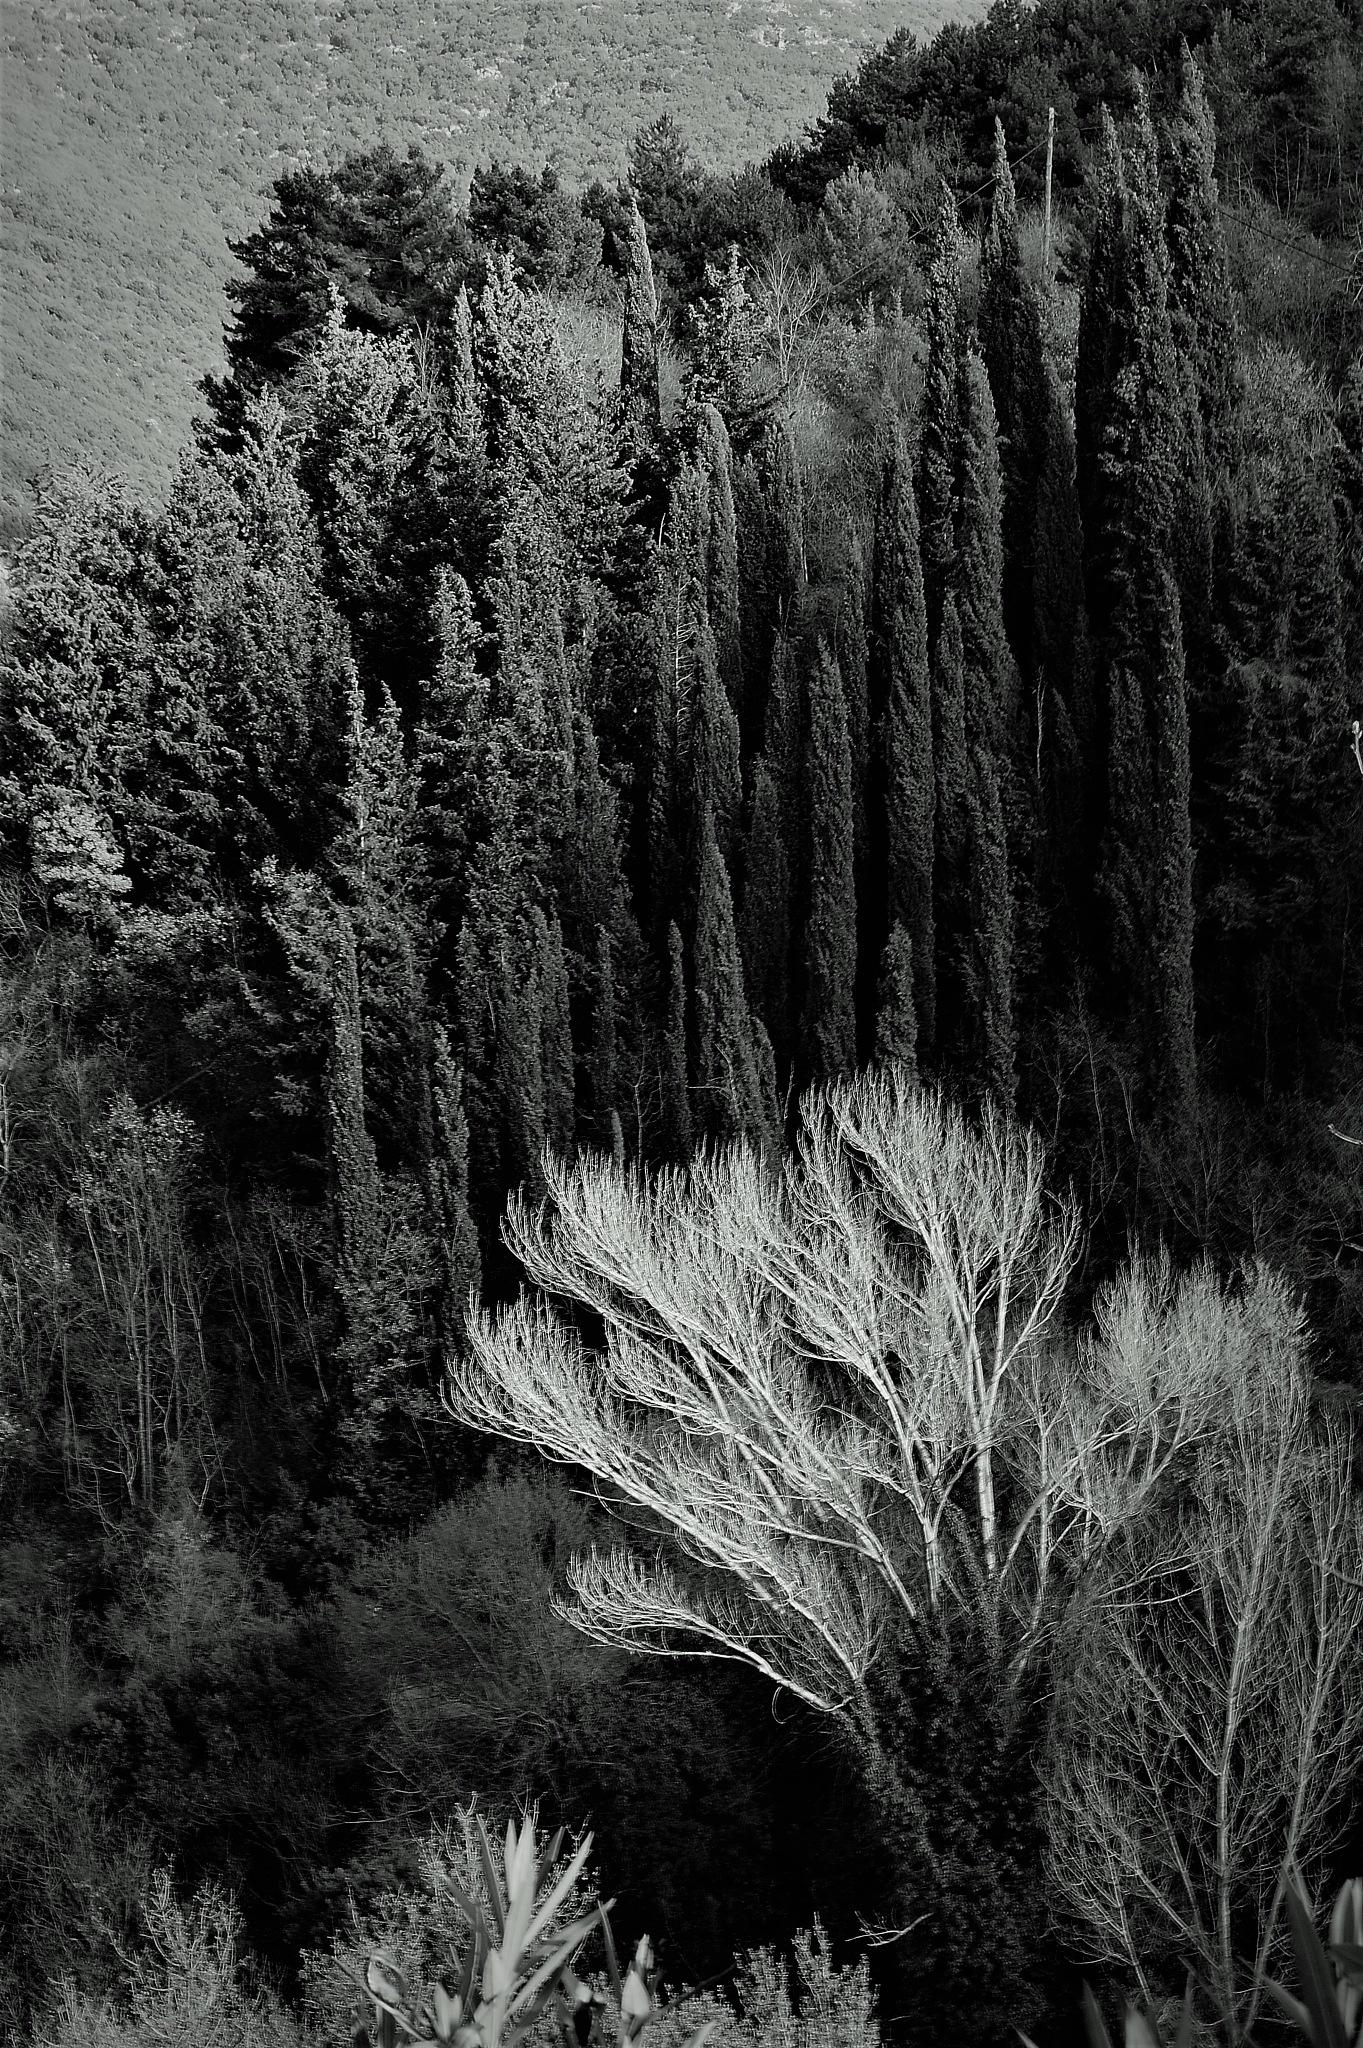 Trees by Christos Theodorou